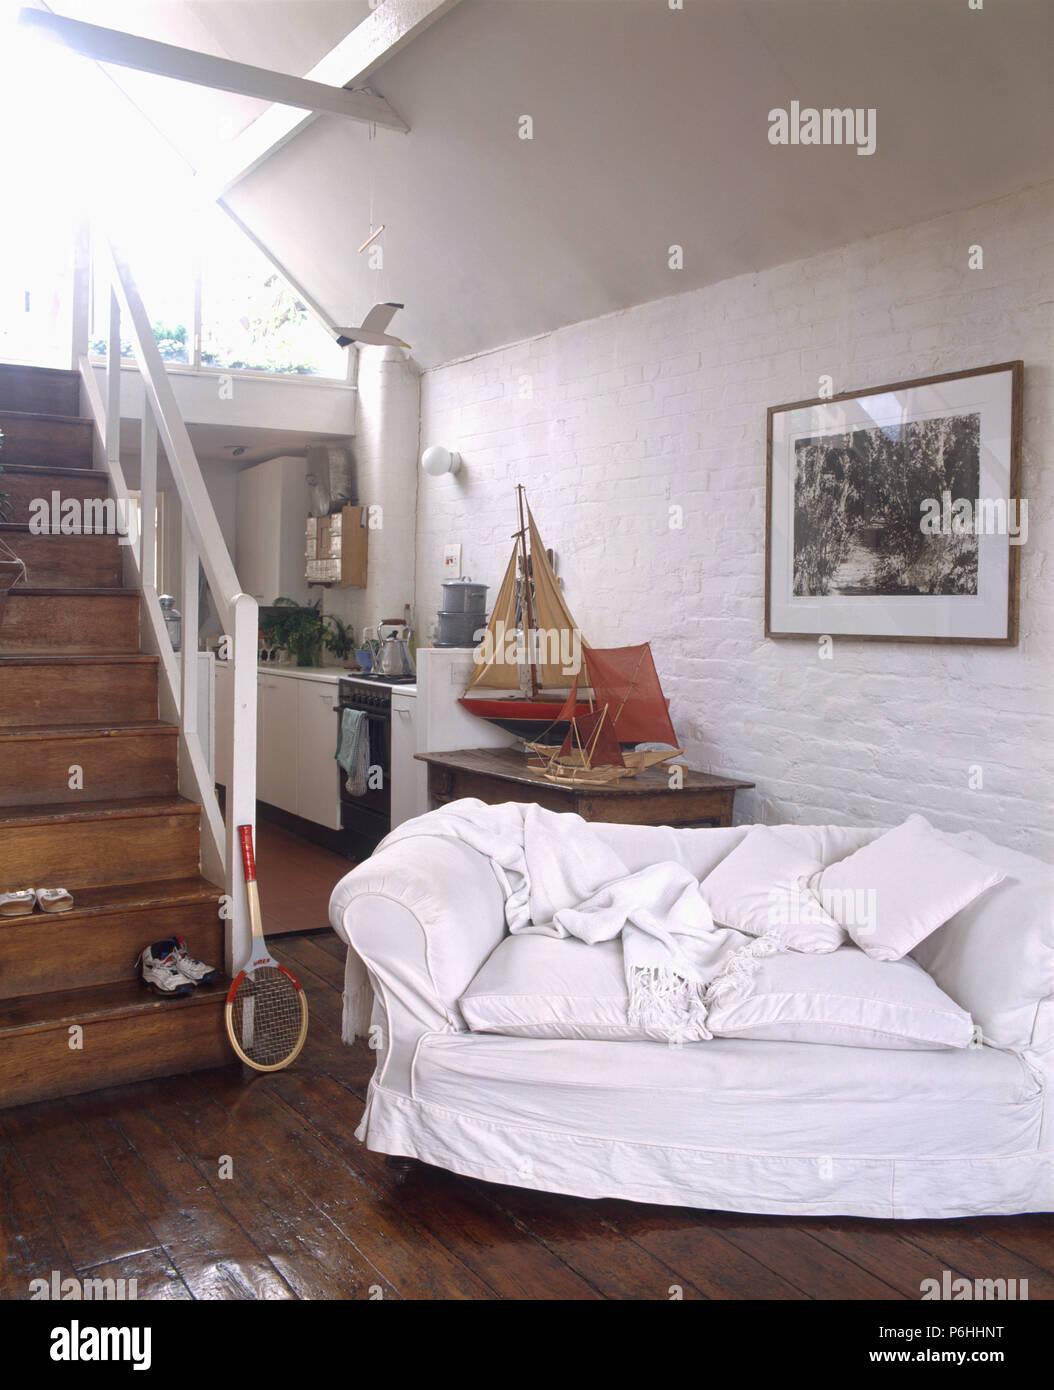 Entzuckend Weiß Lose   Abdeckung Auf Sofa Im Offenen Haus Wohnzimmer Und Küche Mit Dunklen  Holzböden